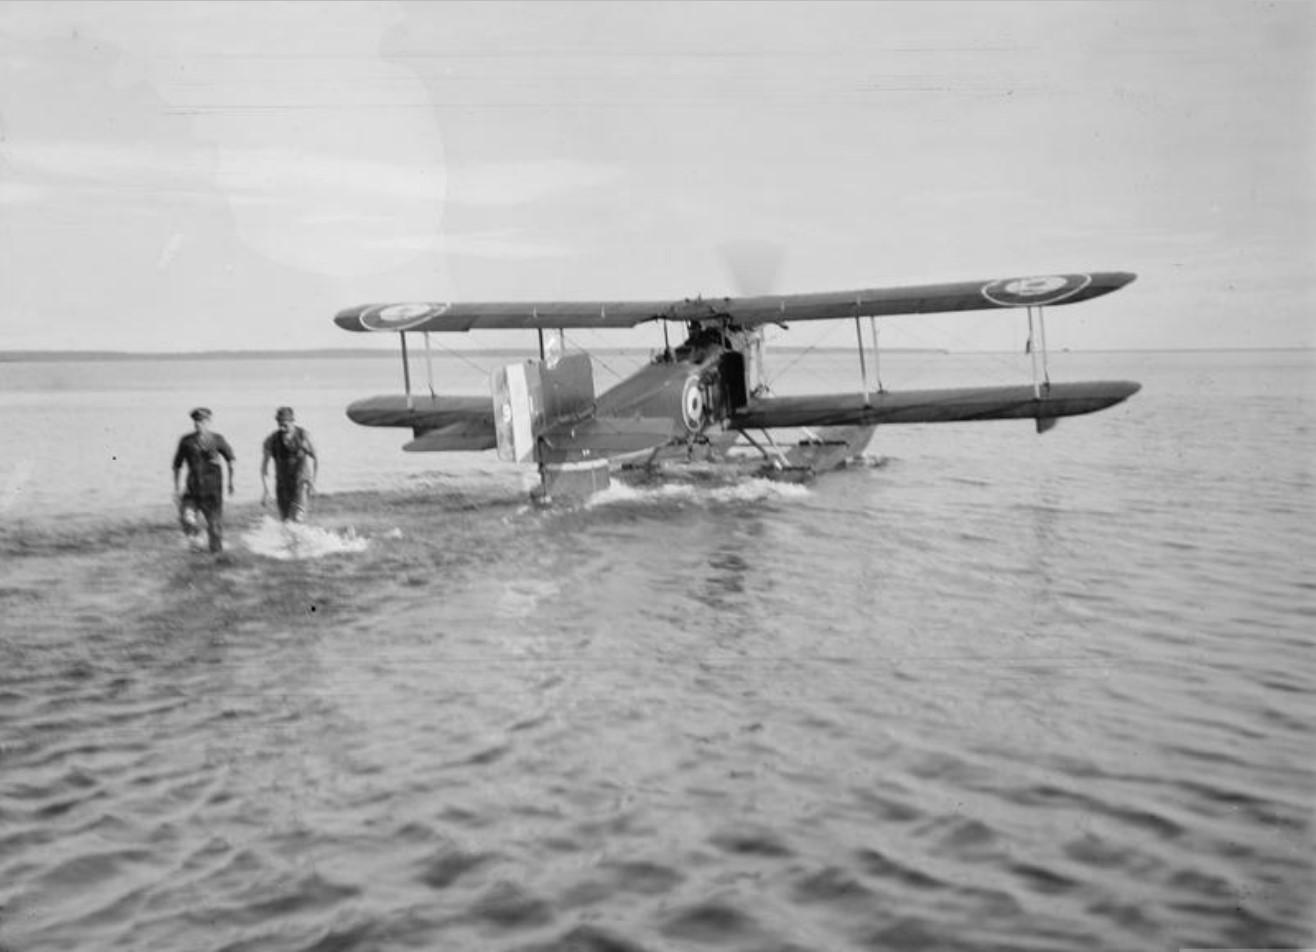 Генерал Генри Сеймур Роулинсон начинает полет на гидросамолете Fairey IIIC. Онежское озеро, Медвежья гора, октябрь 1919